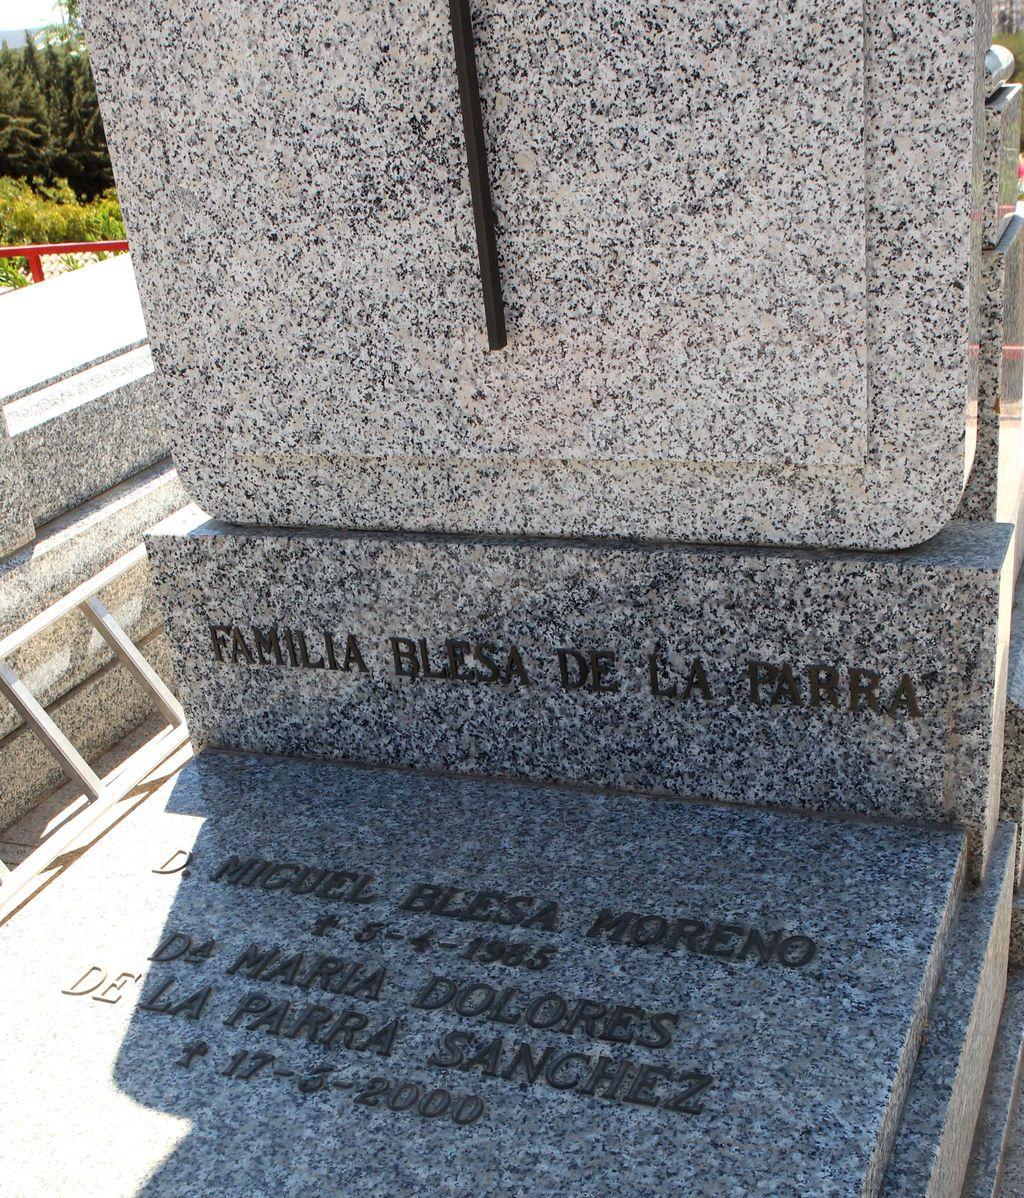 Las cenizas de Miguel Blesa reposan ya en el panteón familiar del cementerio de Linares